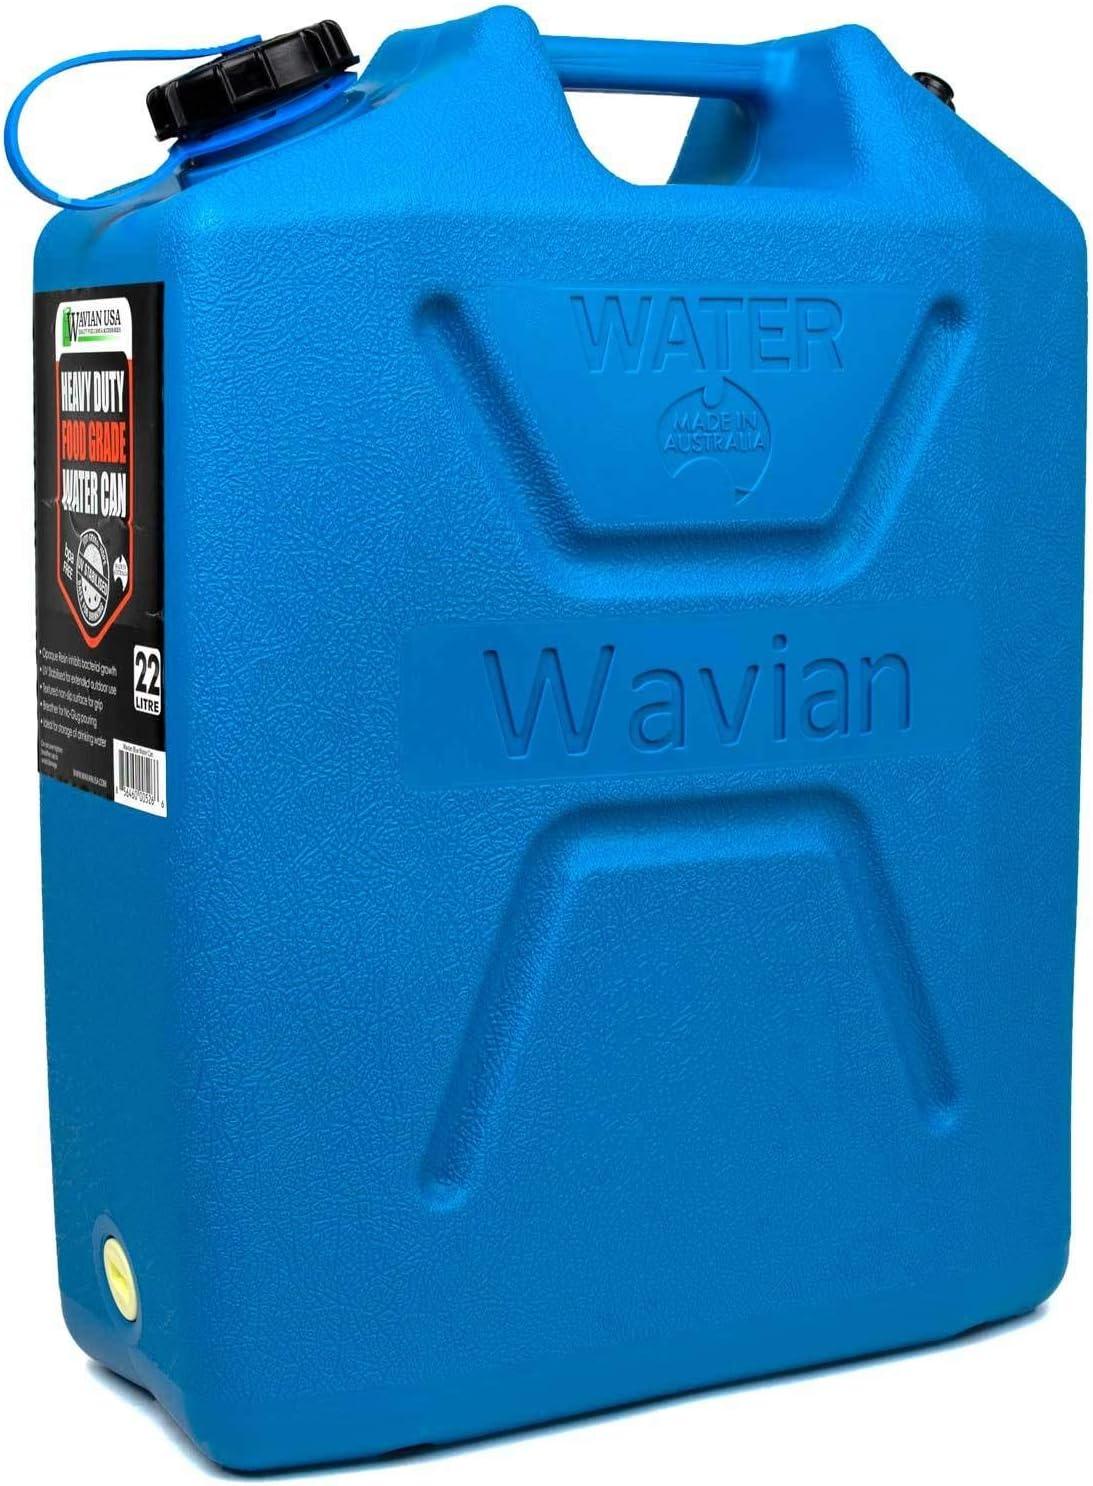 Wavian USA 3216 Blue 22 L Heavy Duty Food Grade Water Can